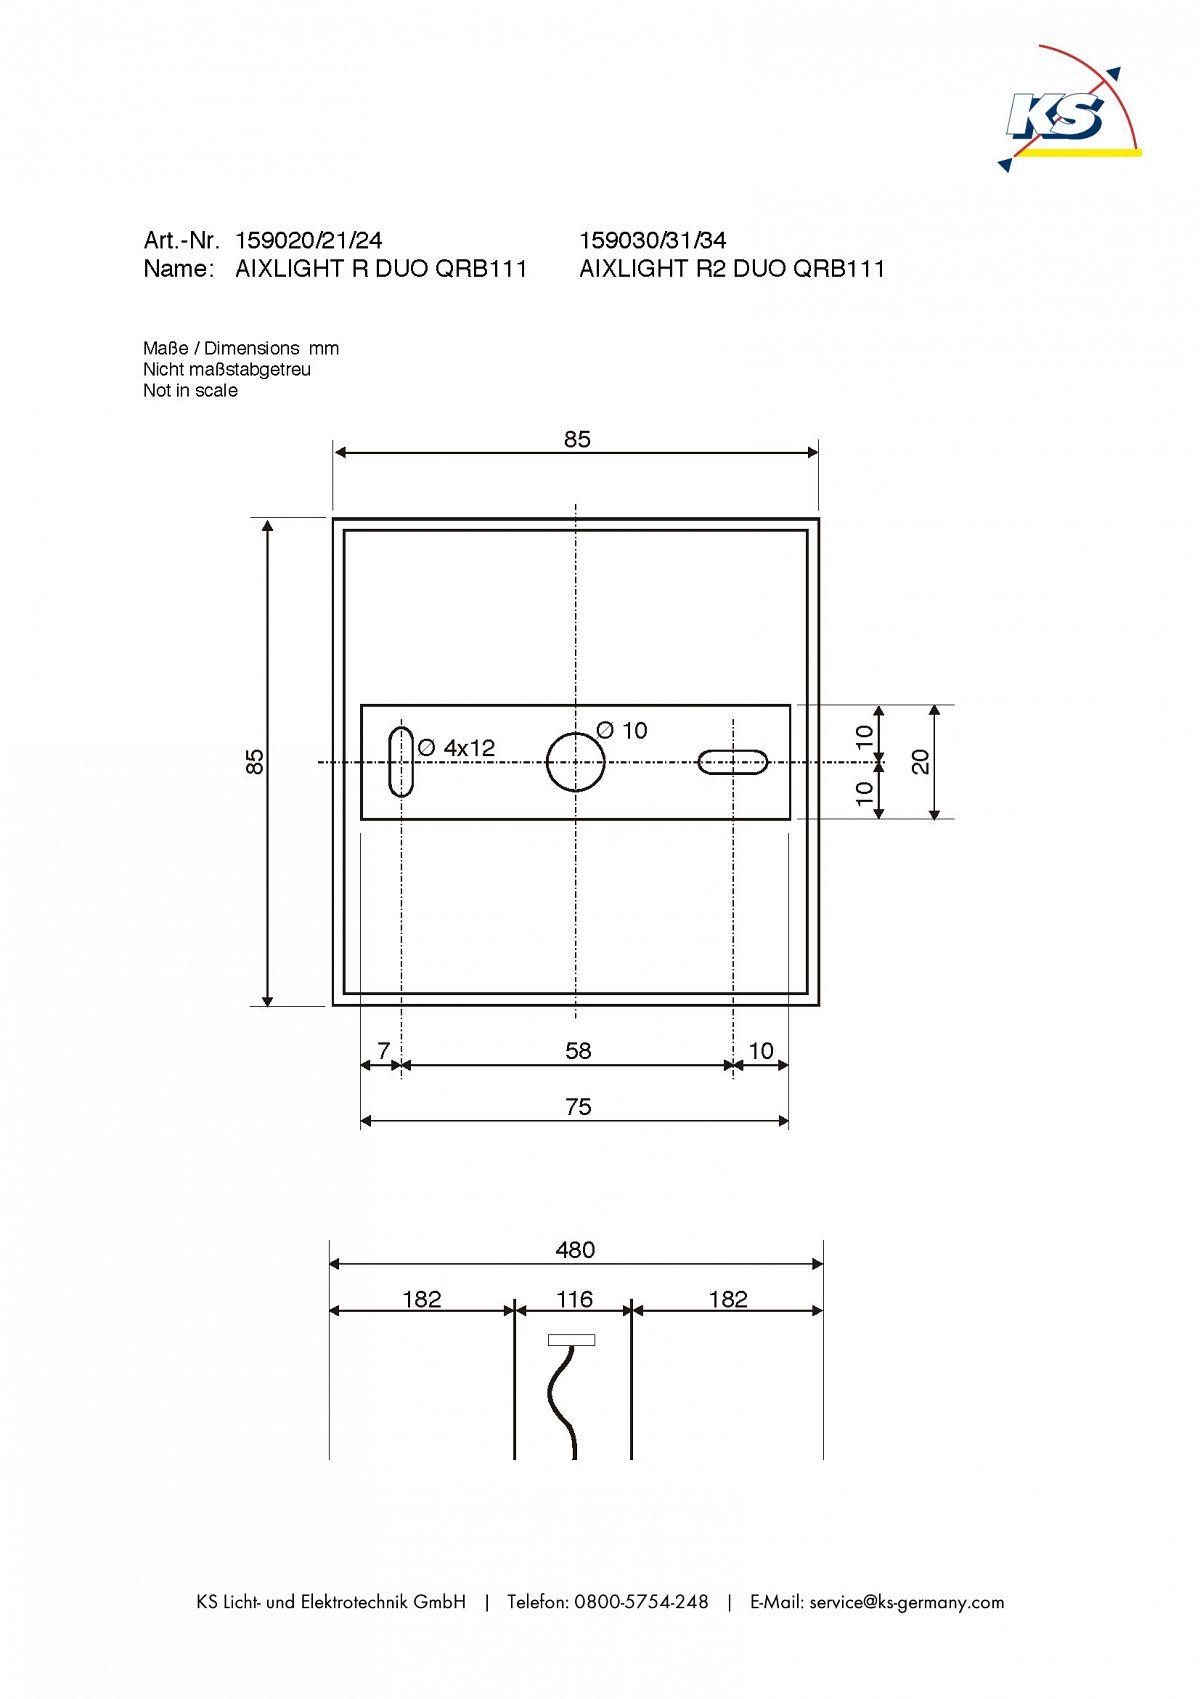 pendelleuchte aixlight r2 duo qrb111 halb rund g53 max 2x50w schwarz ks licht onlineshop. Black Bedroom Furniture Sets. Home Design Ideas